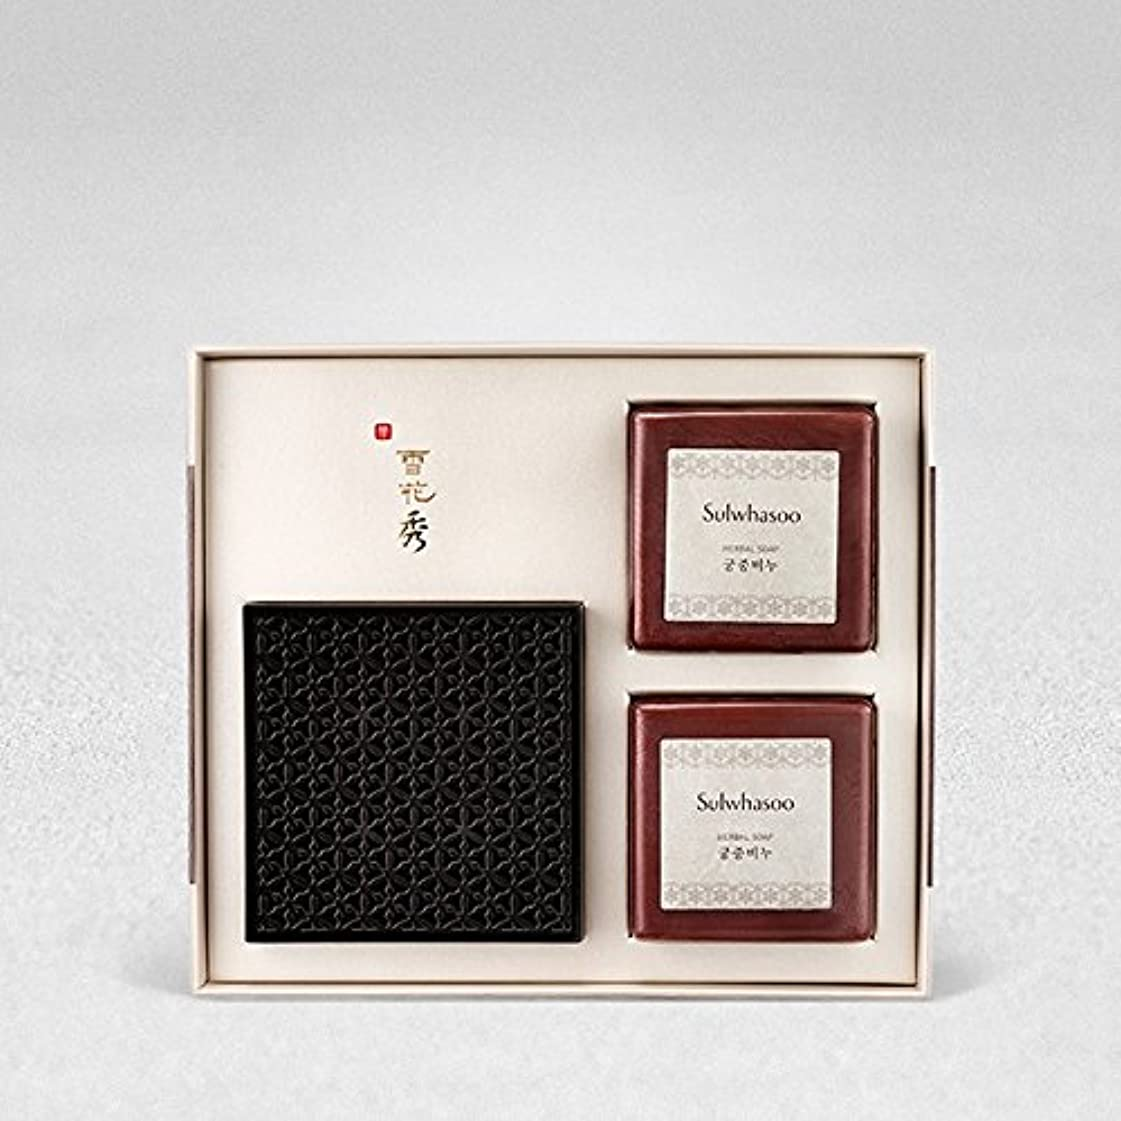 通り抜ける望ましい同様のSulwhasoo Goong-Joong Soap 100gx2ea K-beauty[並行輸入品]